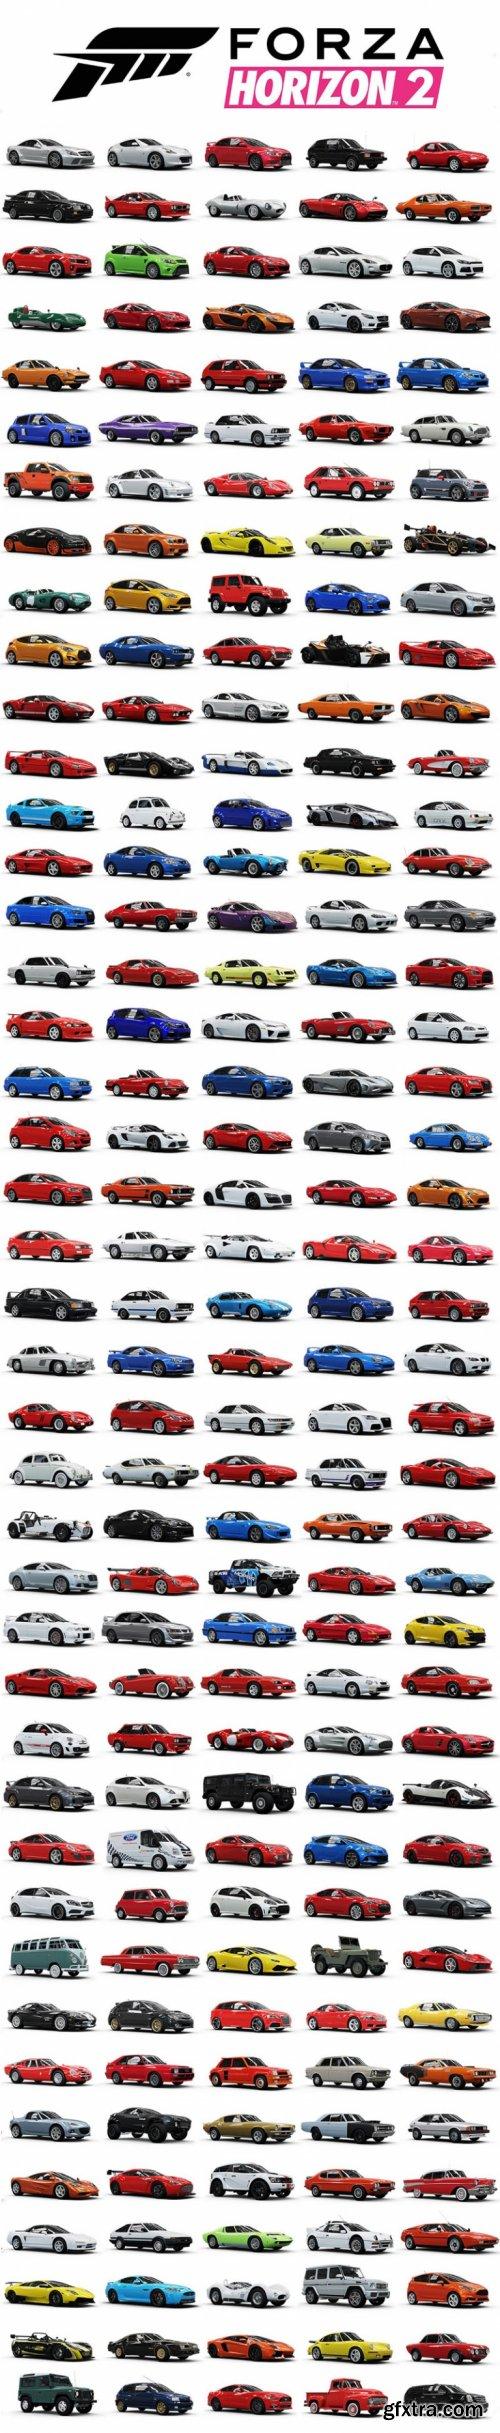 Forza Motorsport 3 4 Horizon 1 2 Car 3d models